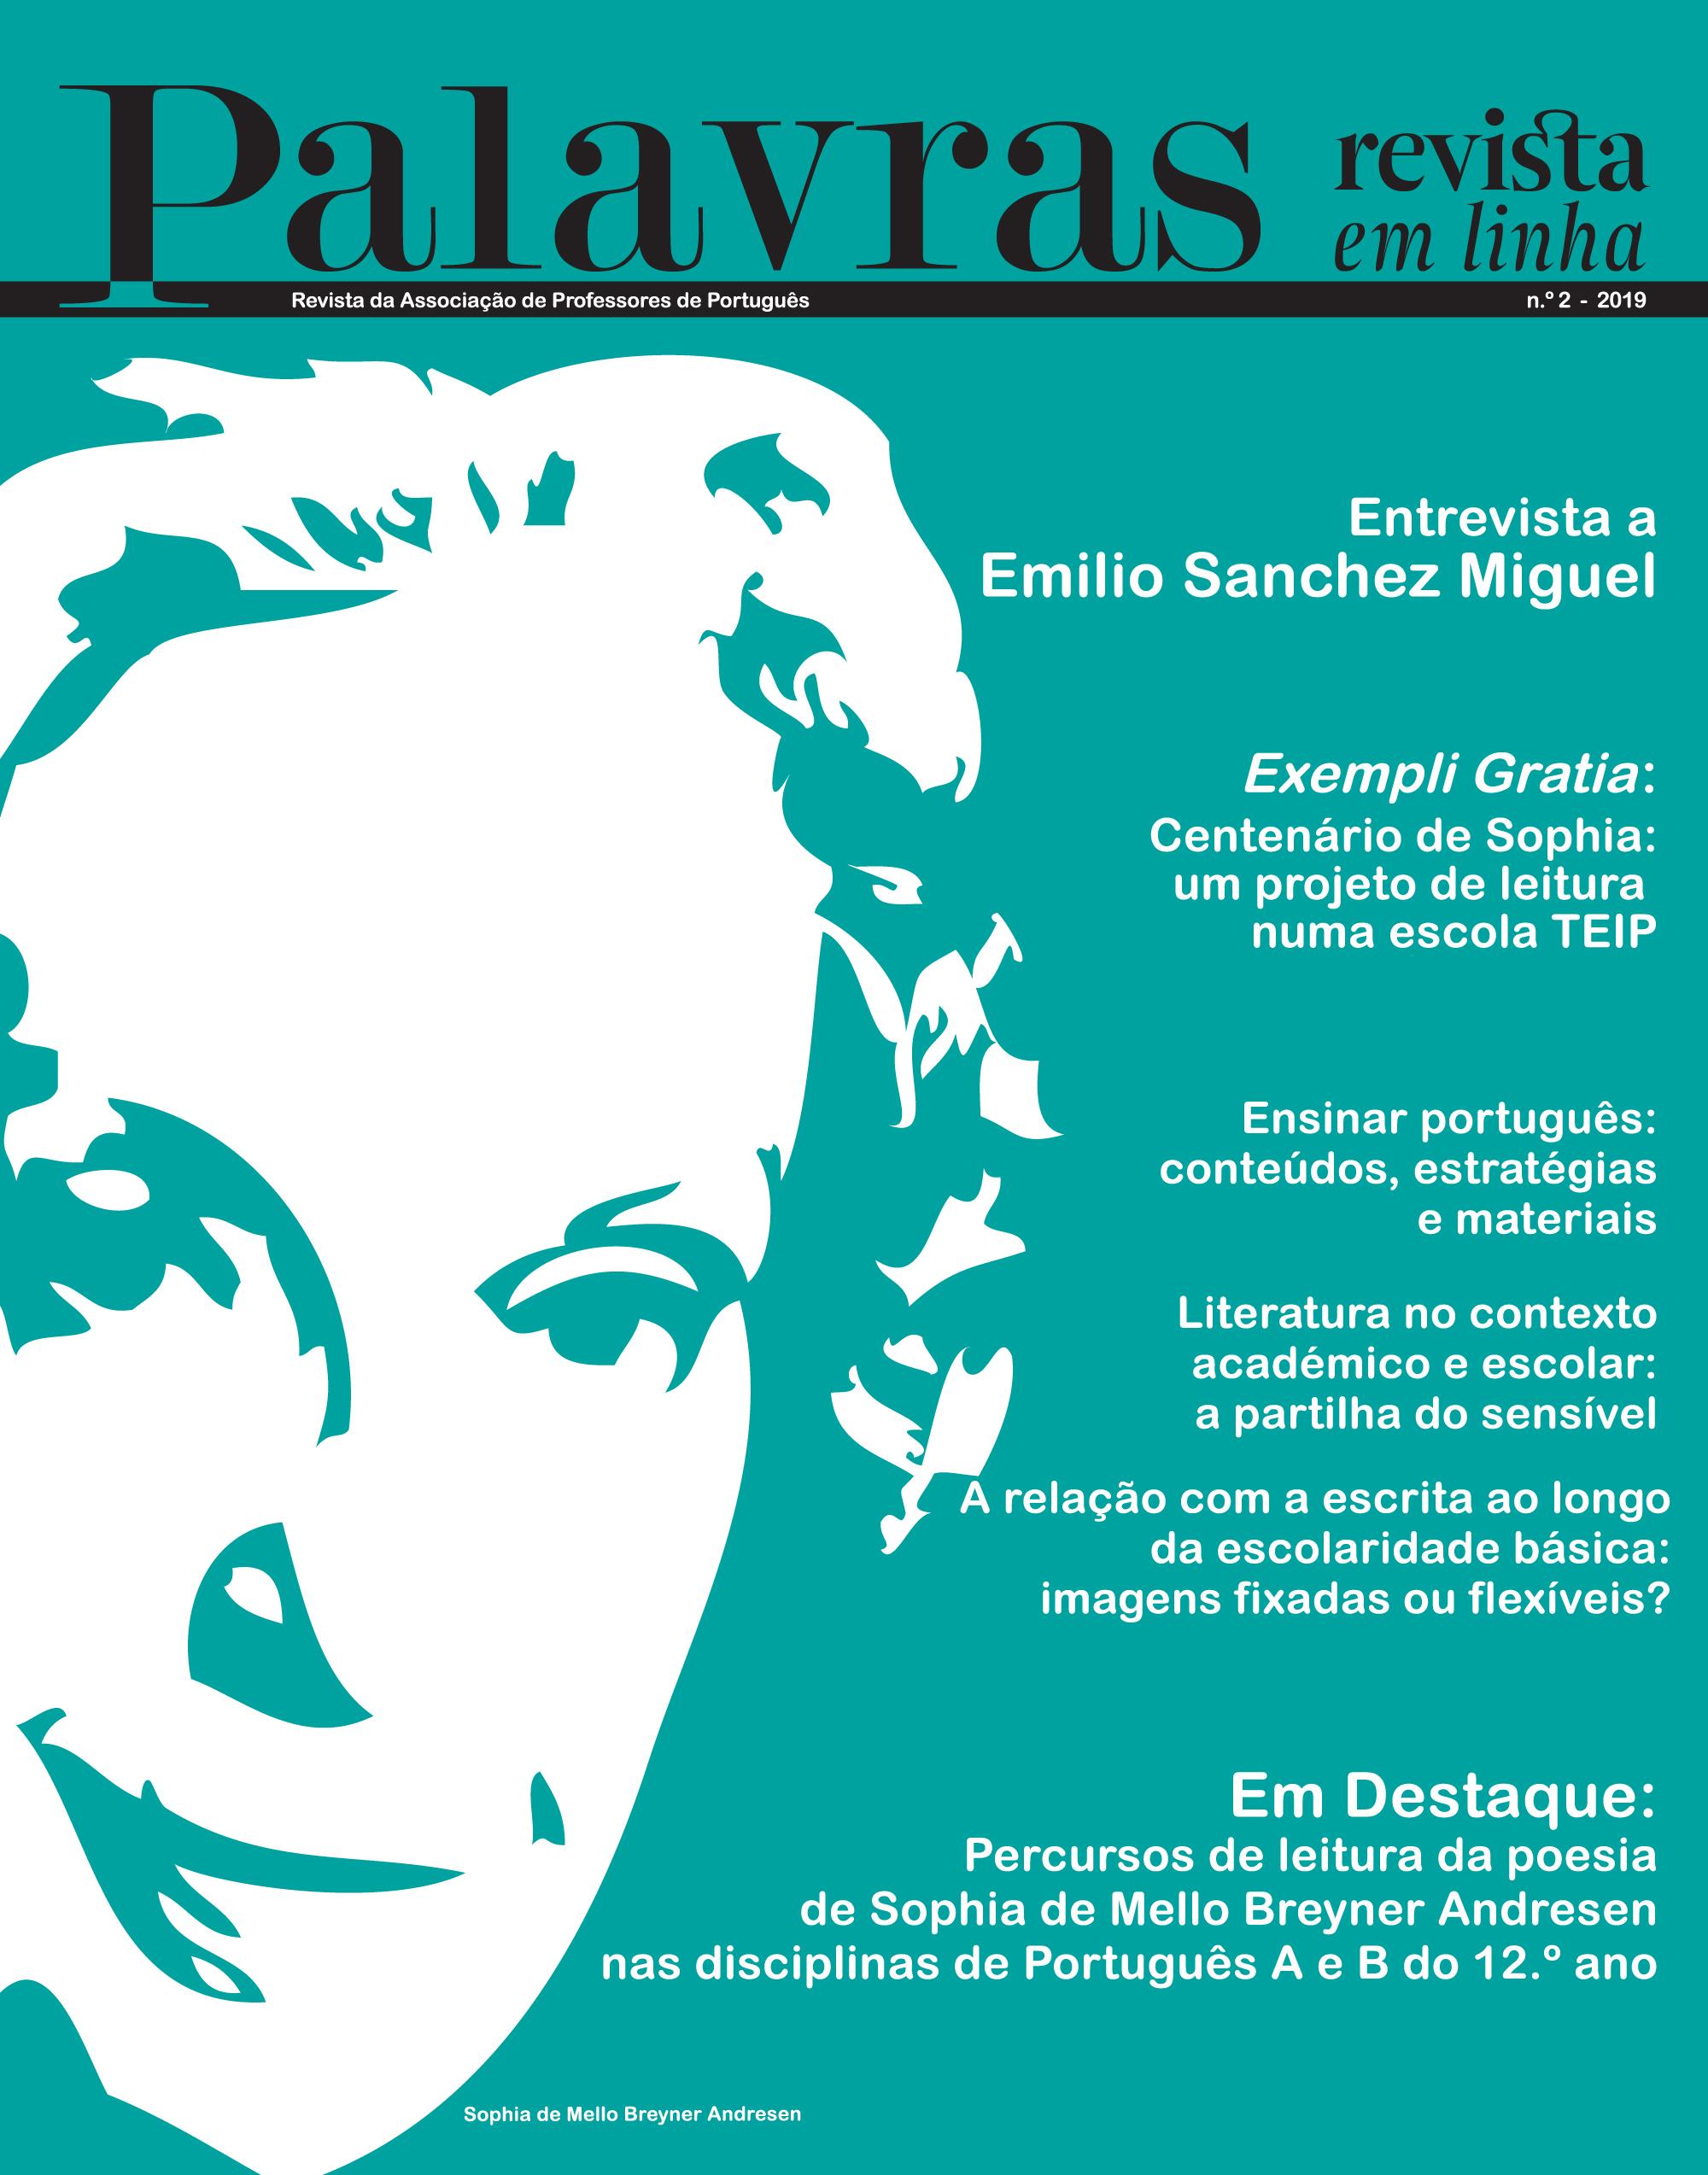 Palavras - revista em linha, Sophia de Mello Breyner Andresen